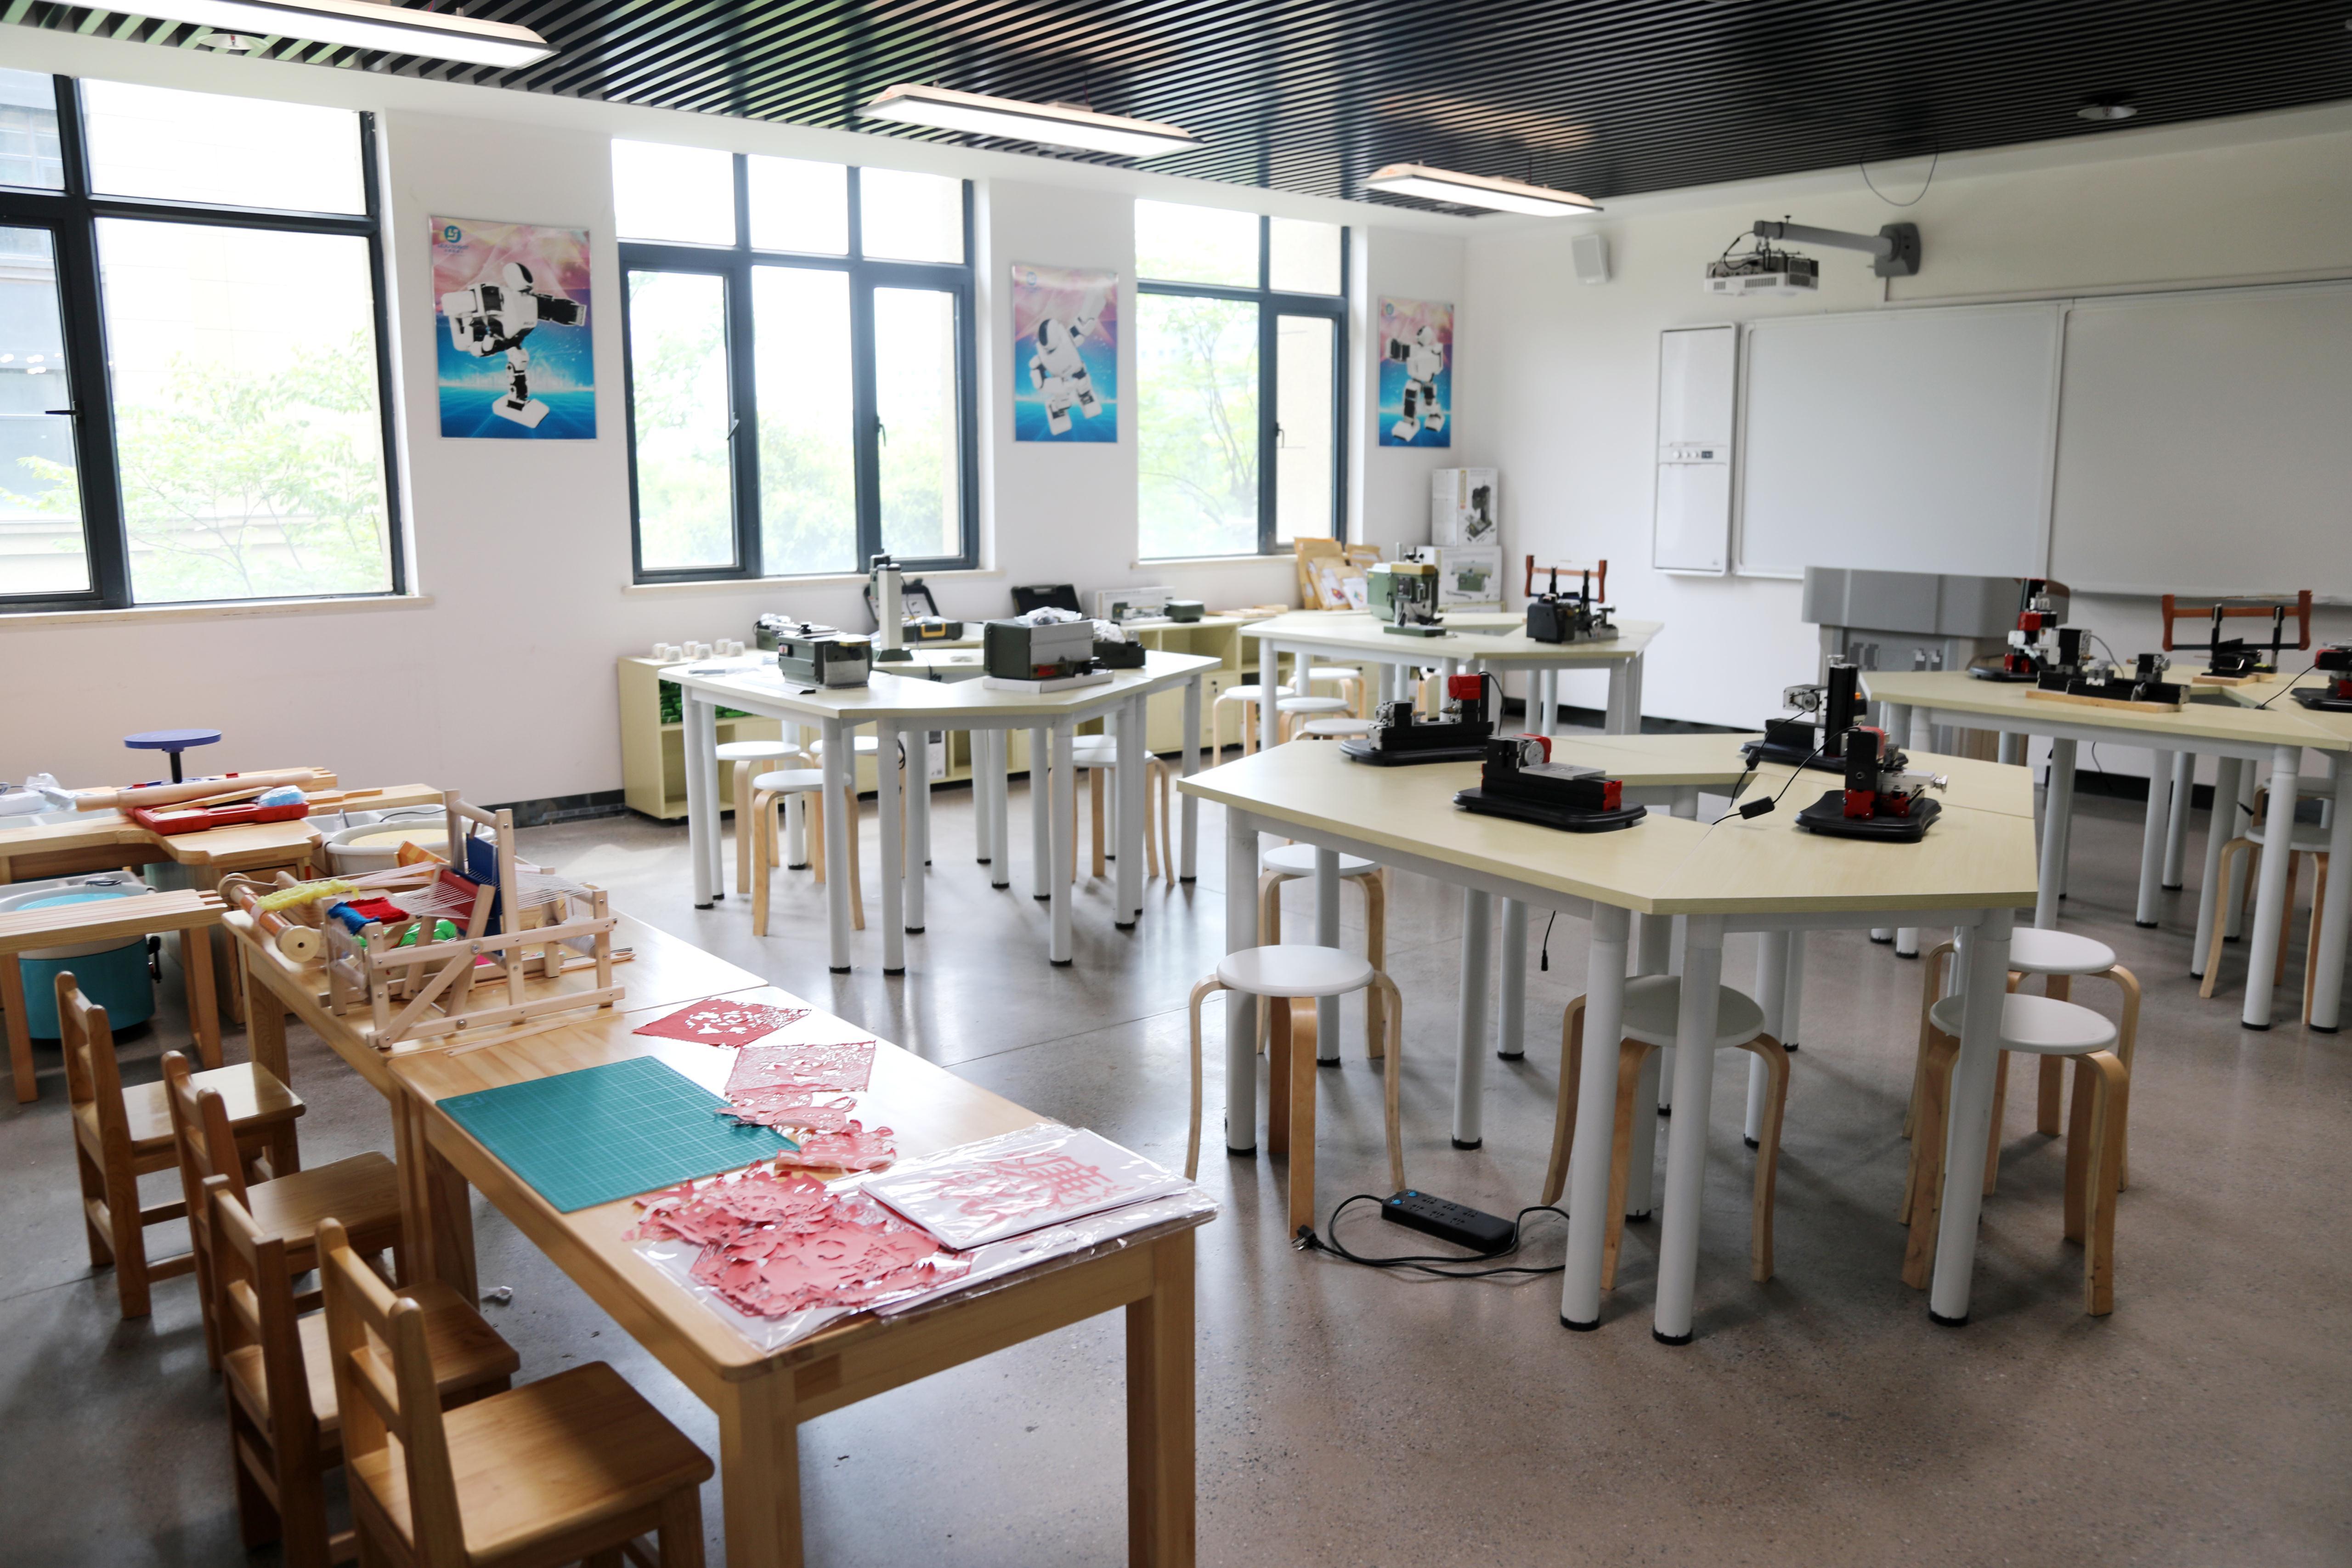 手工制作室方案_DIY手工教室_手工艺教学